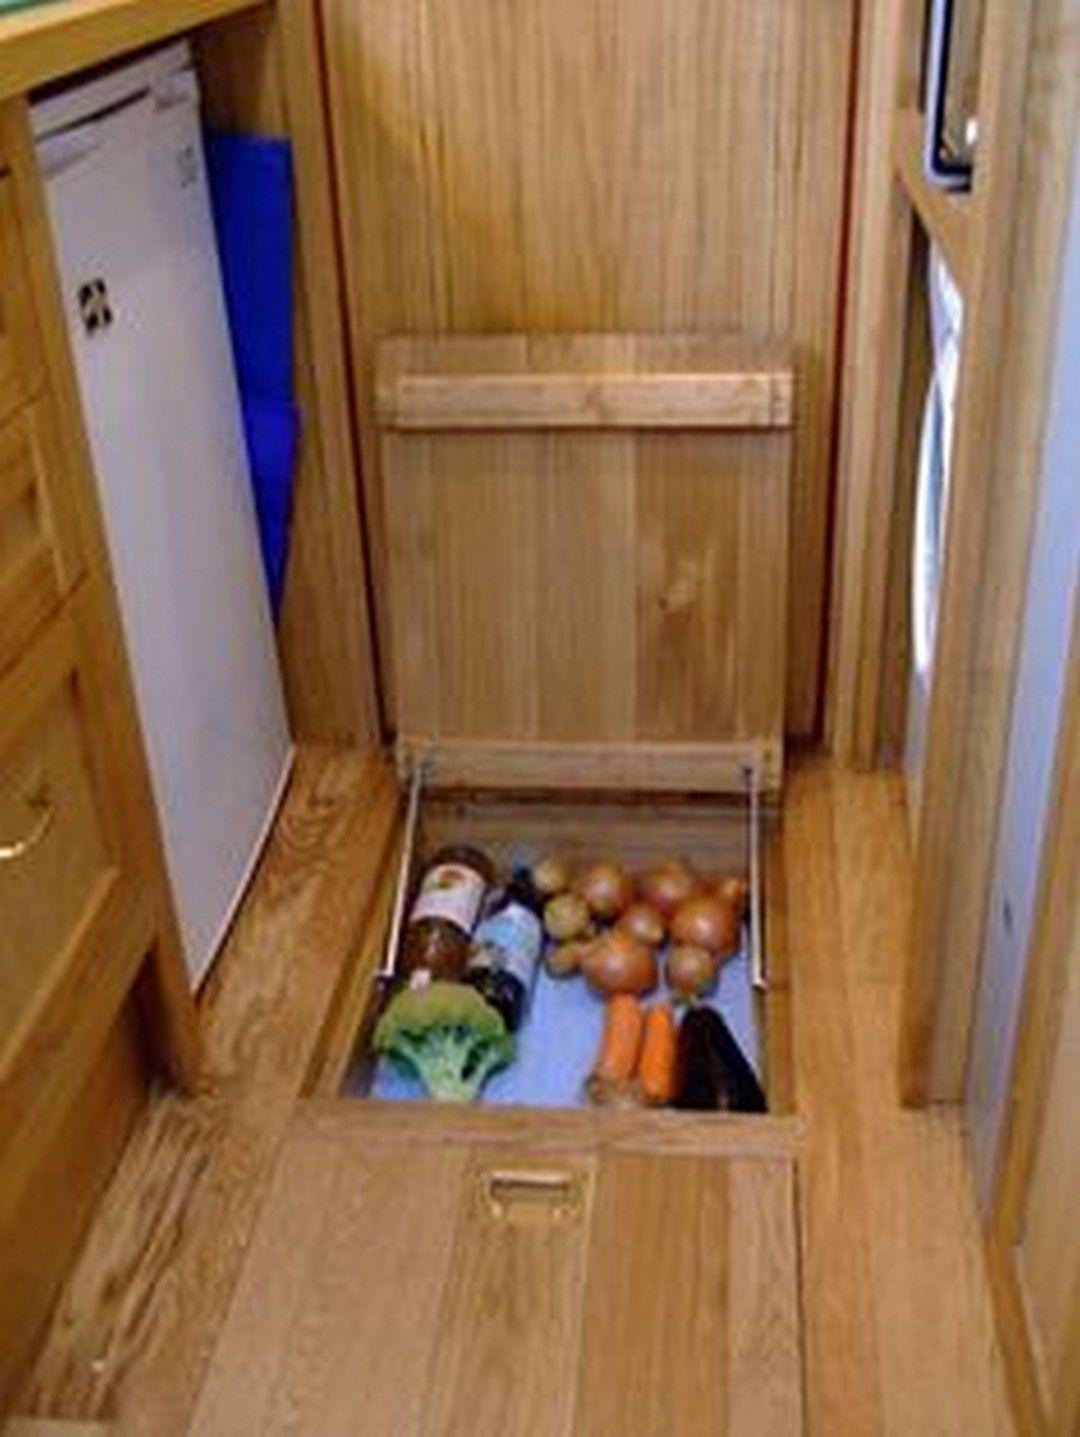 Küchenideen für wohnmobile diy tiny house storage and organization ideas on a budget